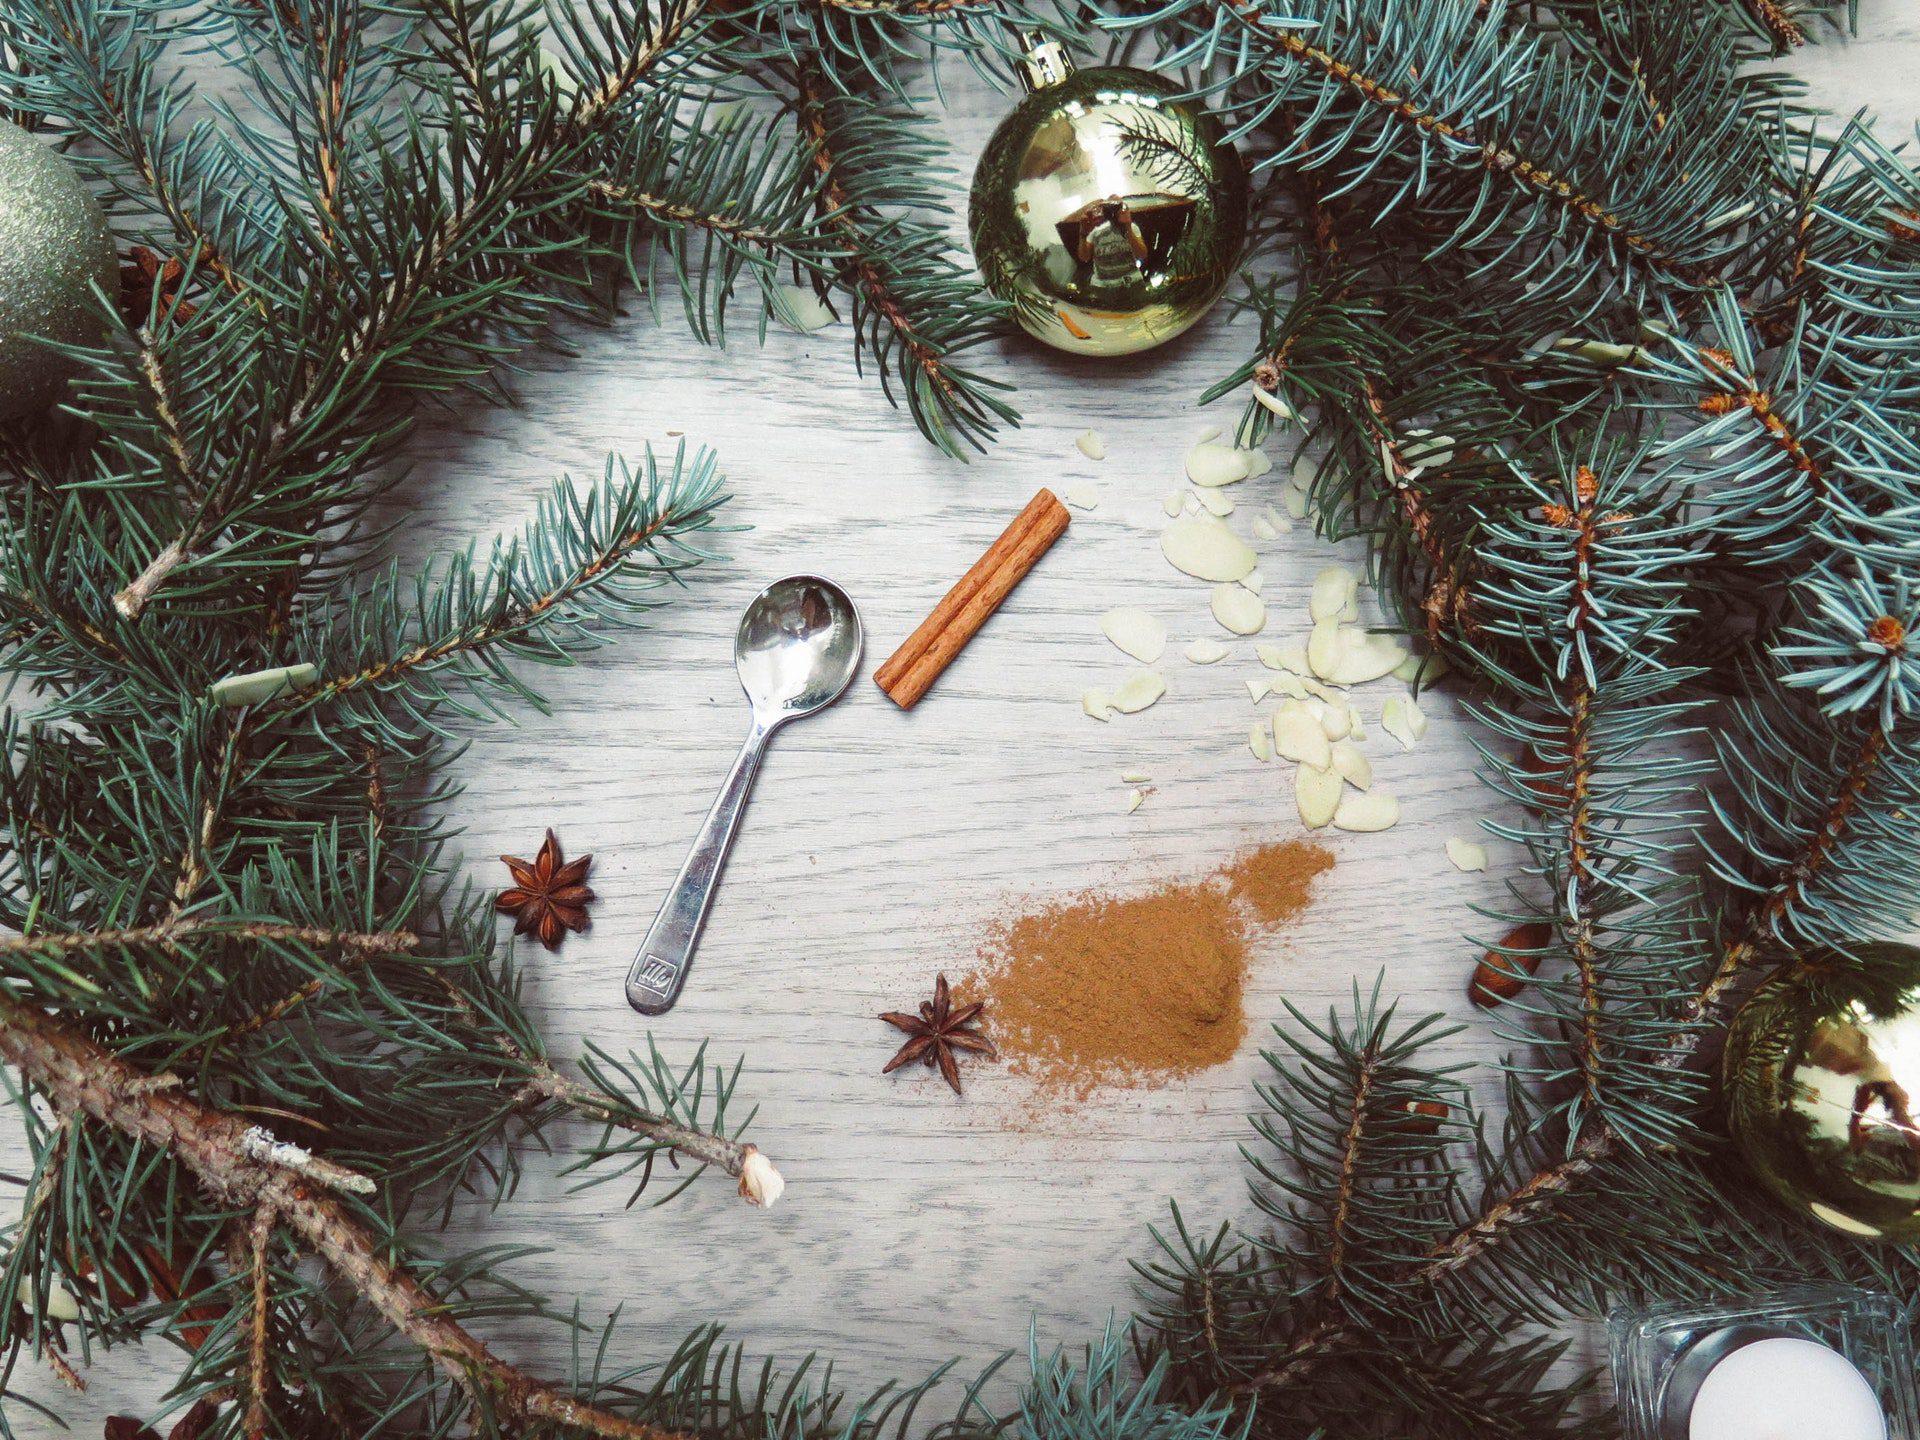 Copywriter angielski święta merry christmas